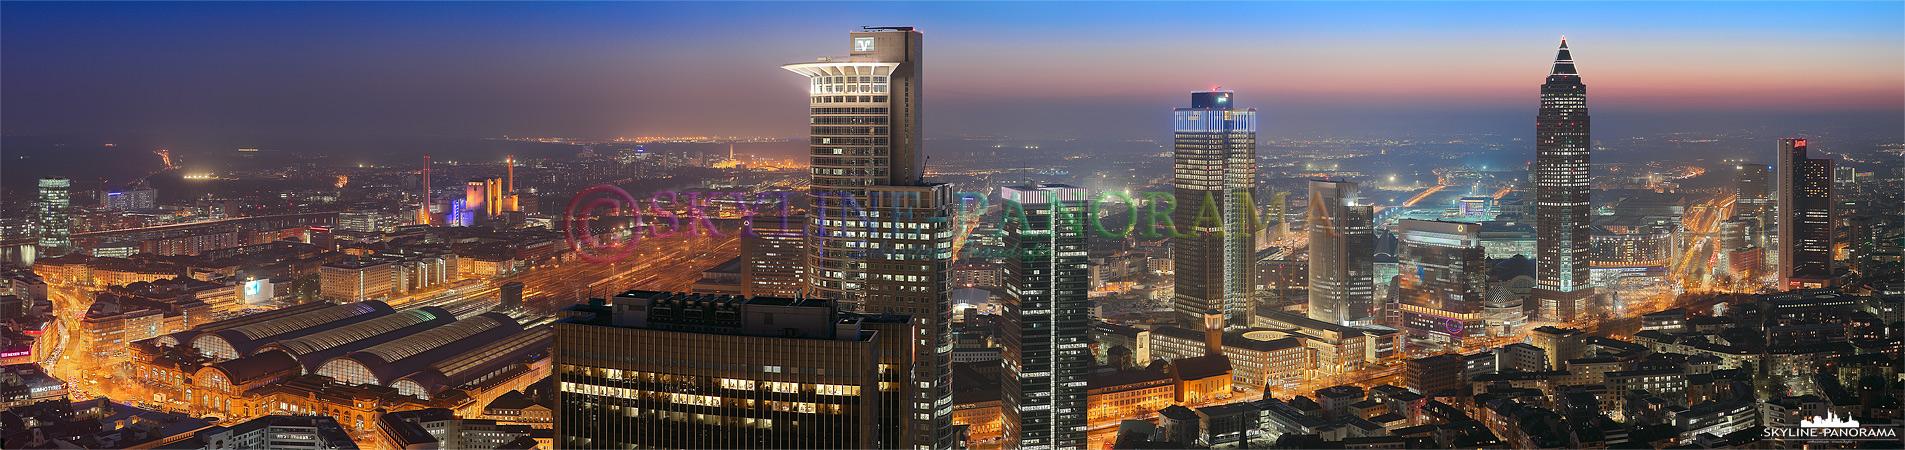 Skyline Bilder - Die Bankenmetropole Frankfurt vom Trianon Tower aus gesehen, das Panorama zeigt den Blick in Richtung Hauptbahnhof, Frankfurter Messe und Westend.